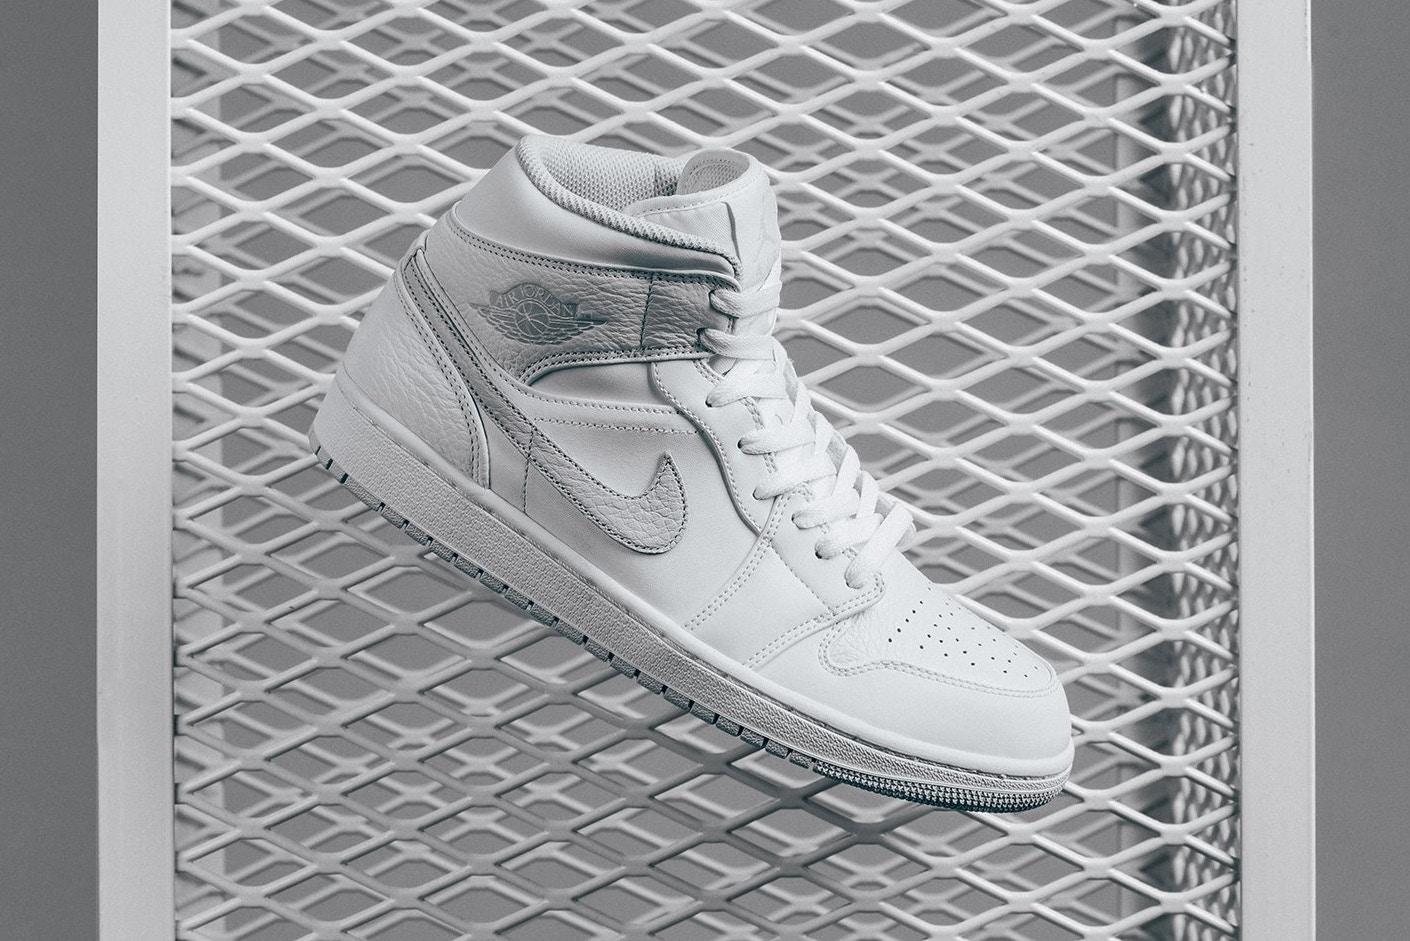 air-jordan-1-mid-white-pure-platinum sneakers